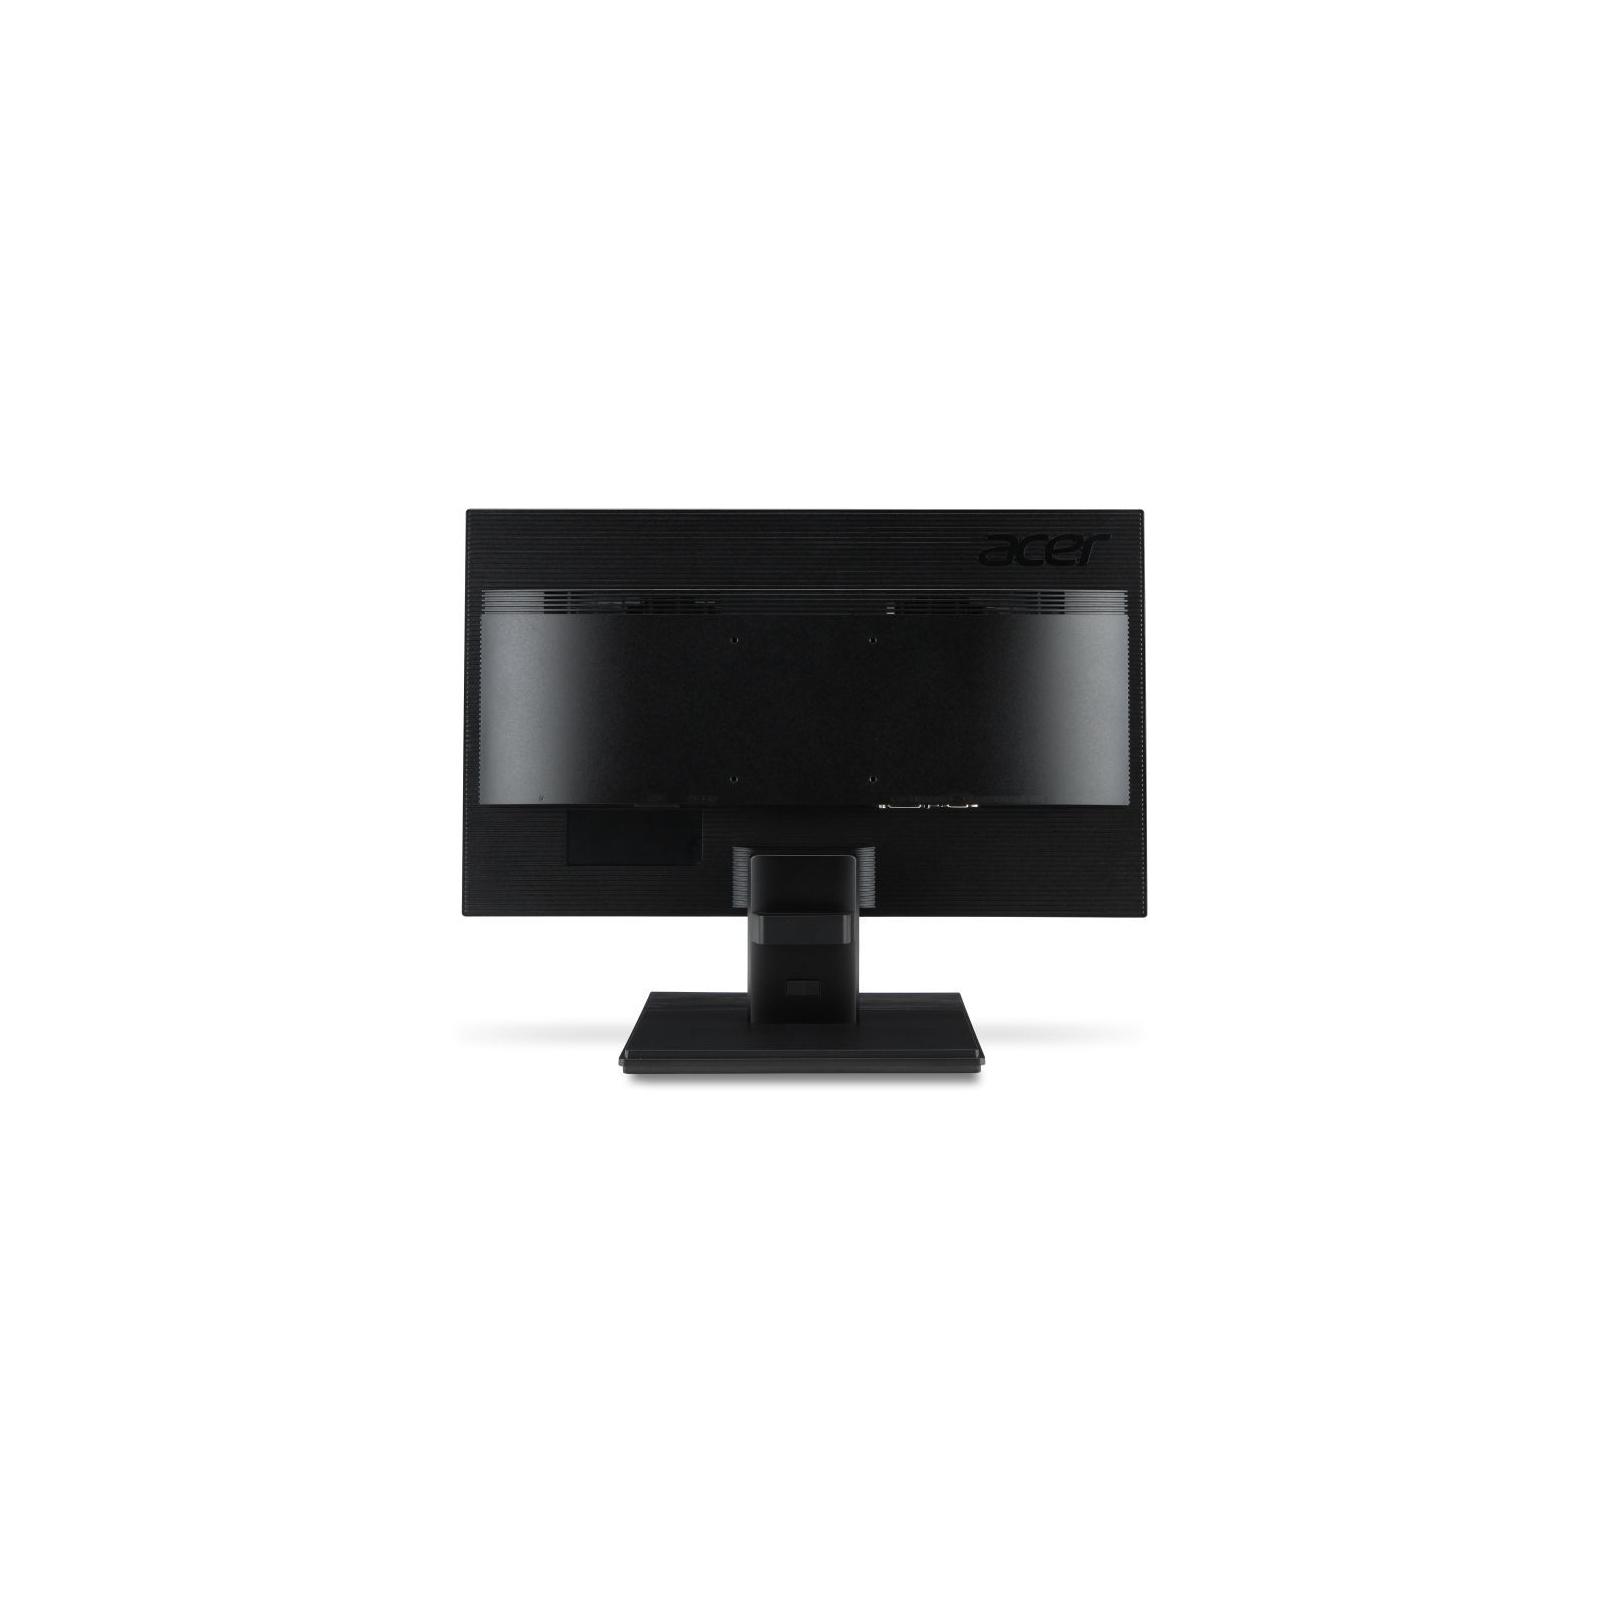 Монитор Acer V226HQLbid (UM.WV6EE.015) изображение 4